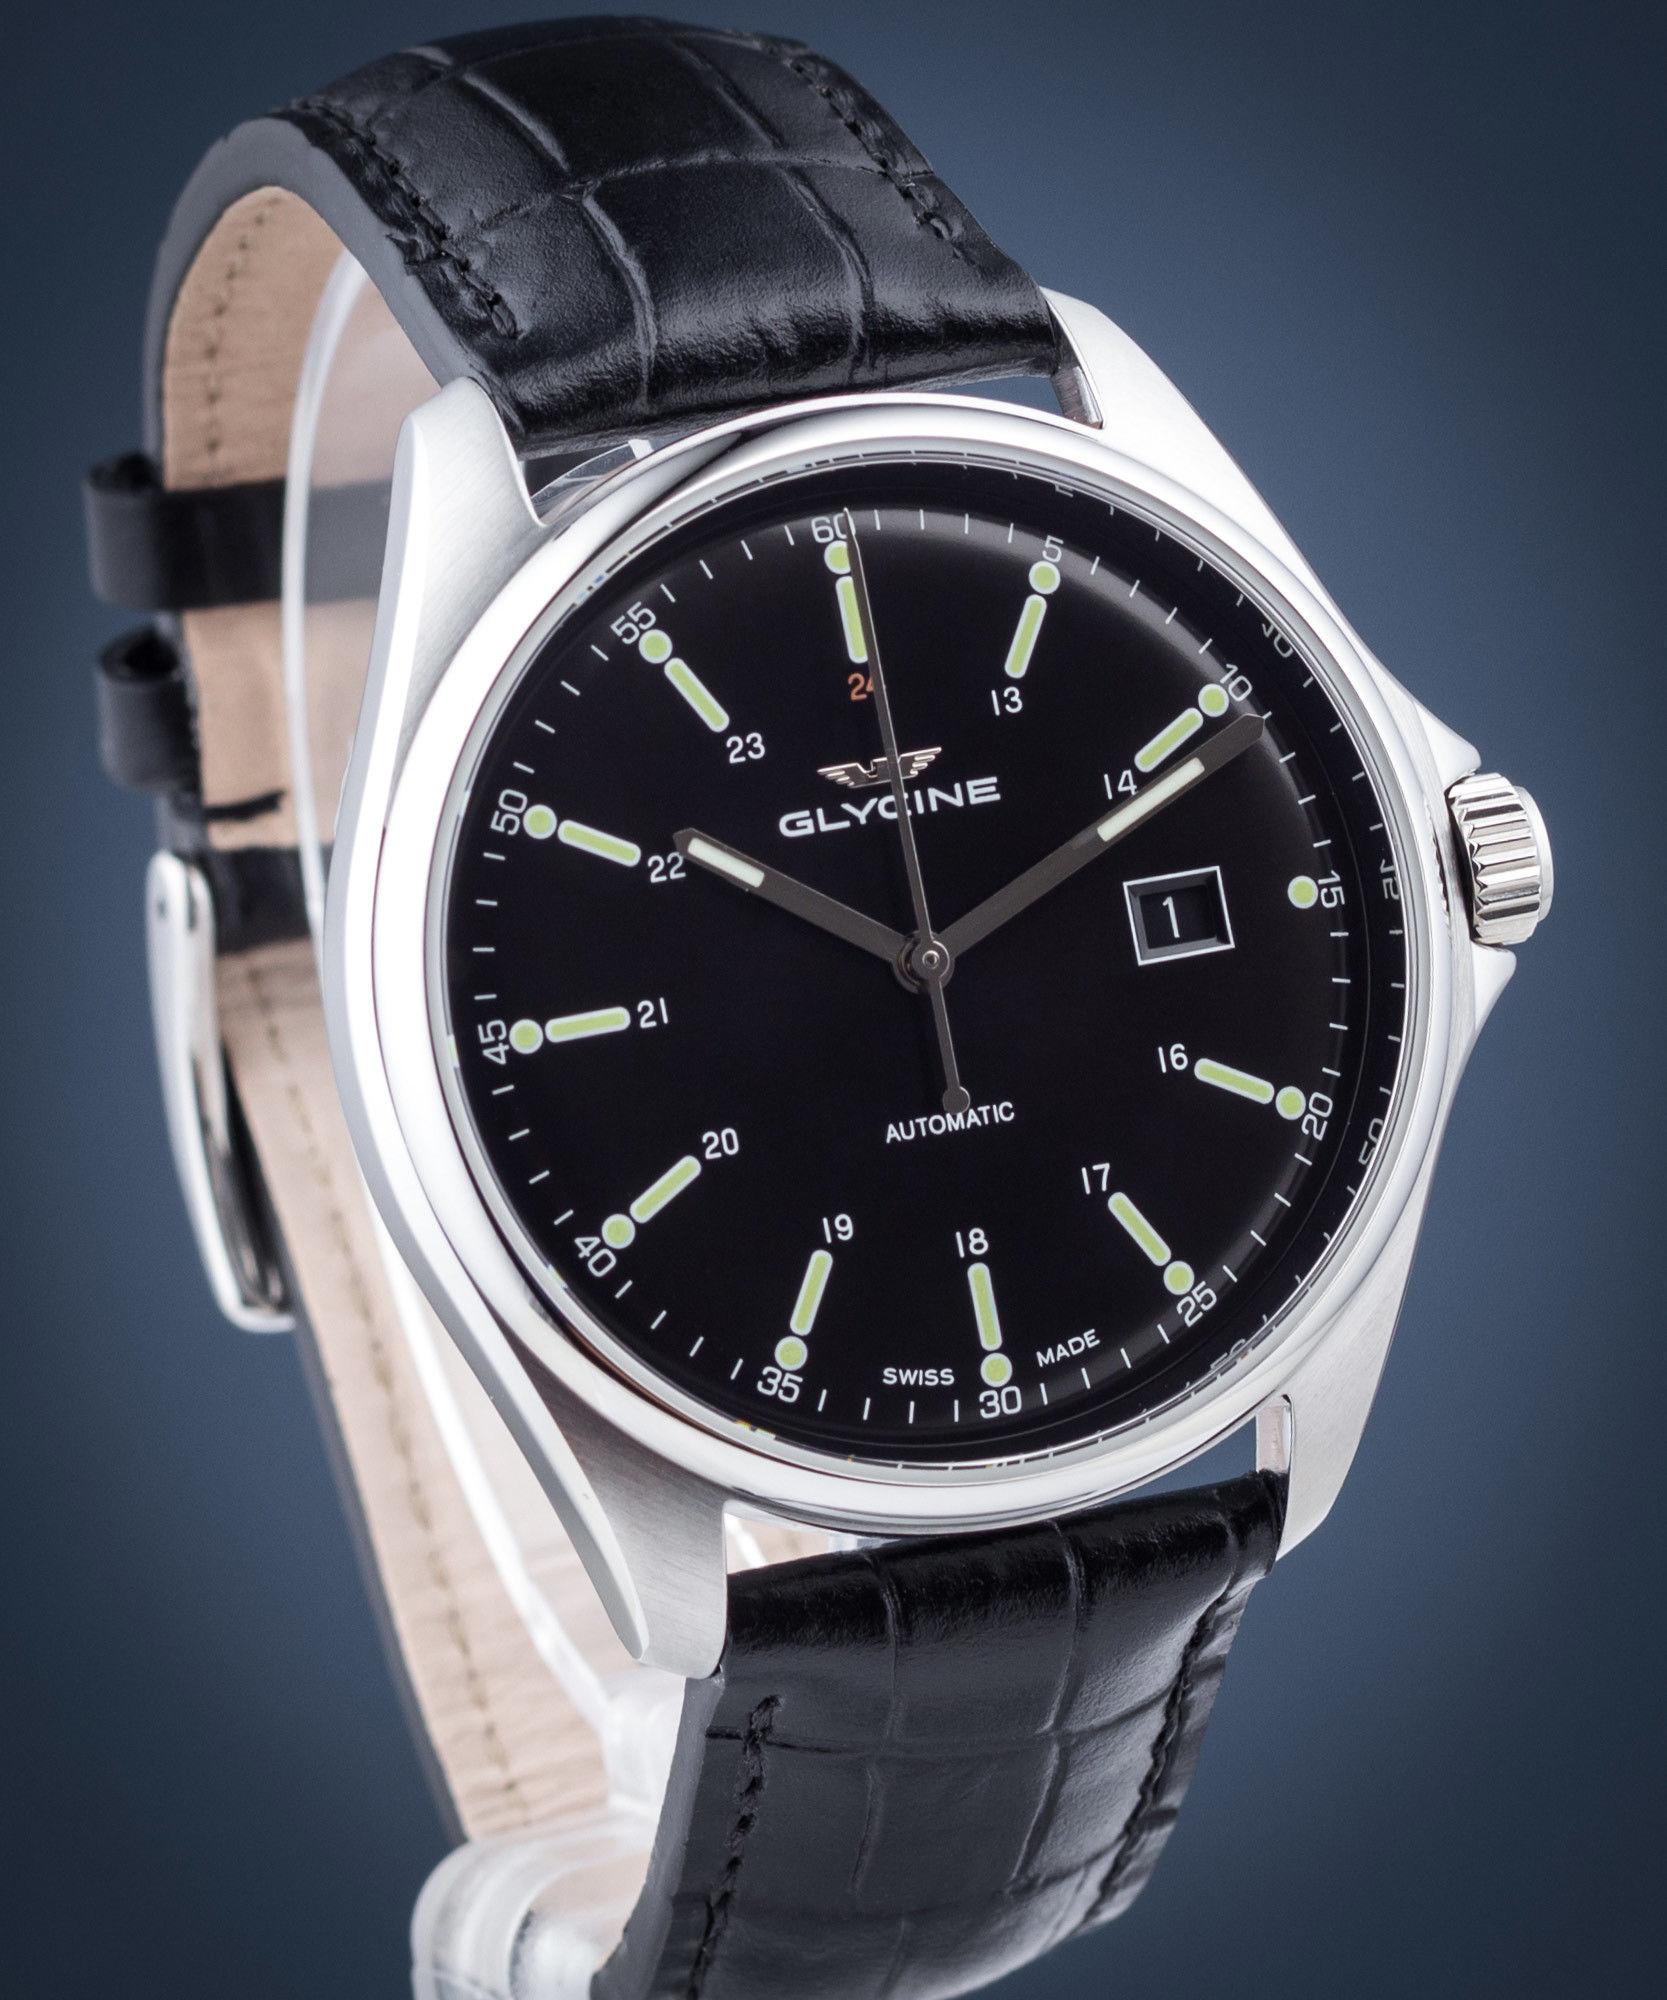 Zegarek Glycine GL0109 COMBAT 6 CLASSIC - CENA DO NEGOCJACJI - DOSTAWA DHL GRATIS, KUPUJ BEZ RYZYKA - 100 dni na zwrot, możliwość wygrawerowania dowolnego tekstu.